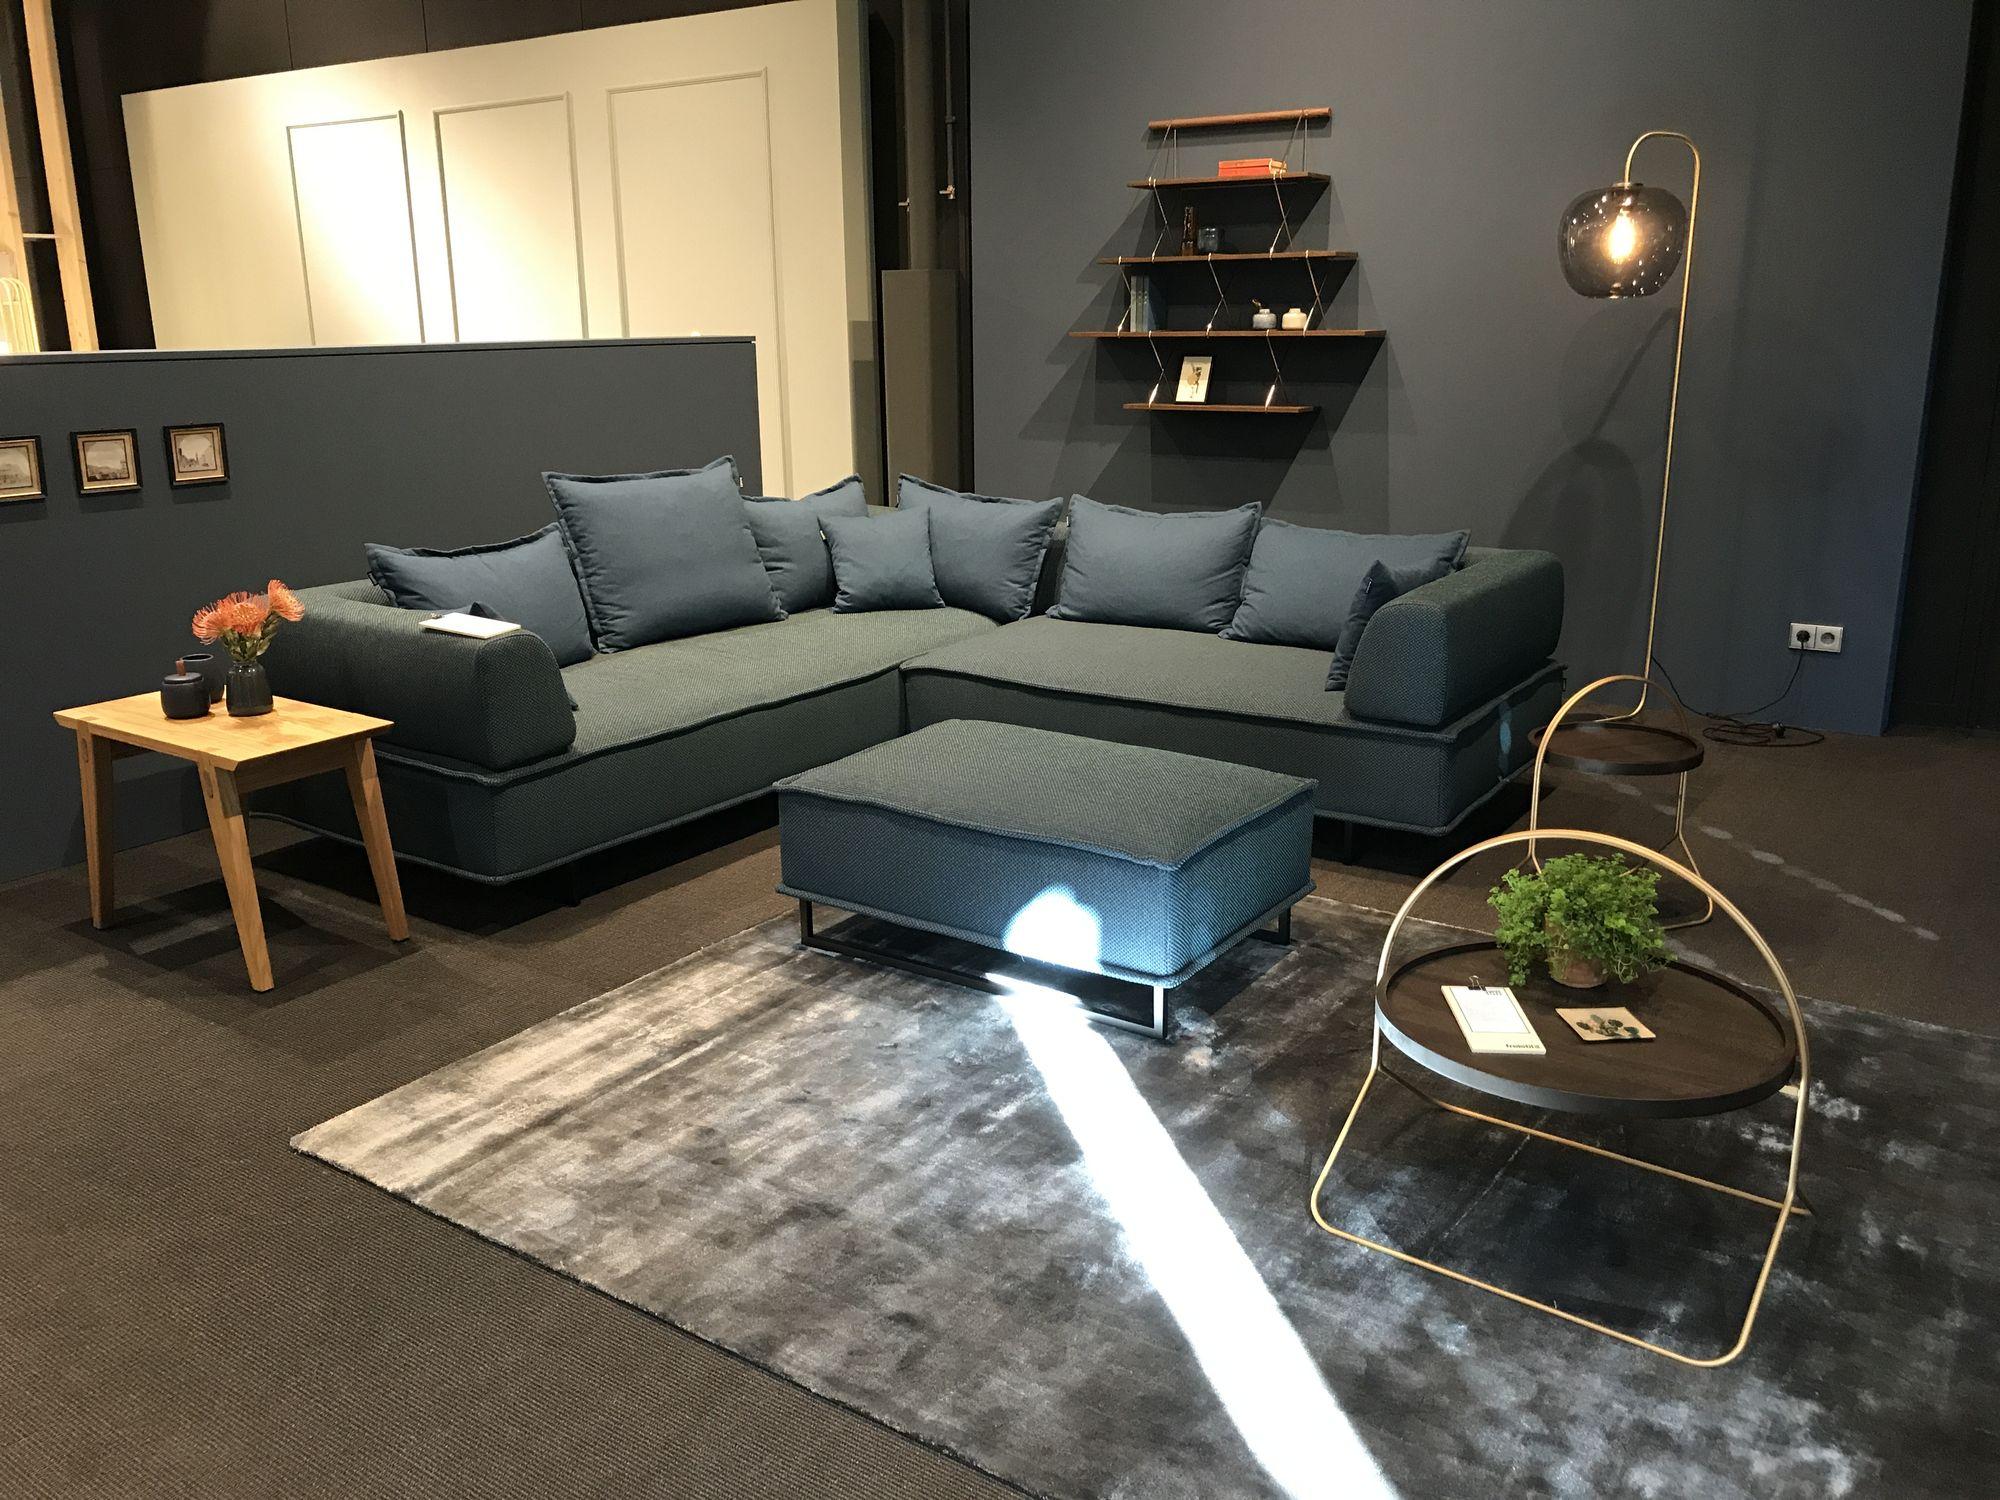 freistil 144 rolf benz ecksofa in stoff azurblau und vielen kissen freistil 144 freistil. Black Bedroom Furniture Sets. Home Design Ideas